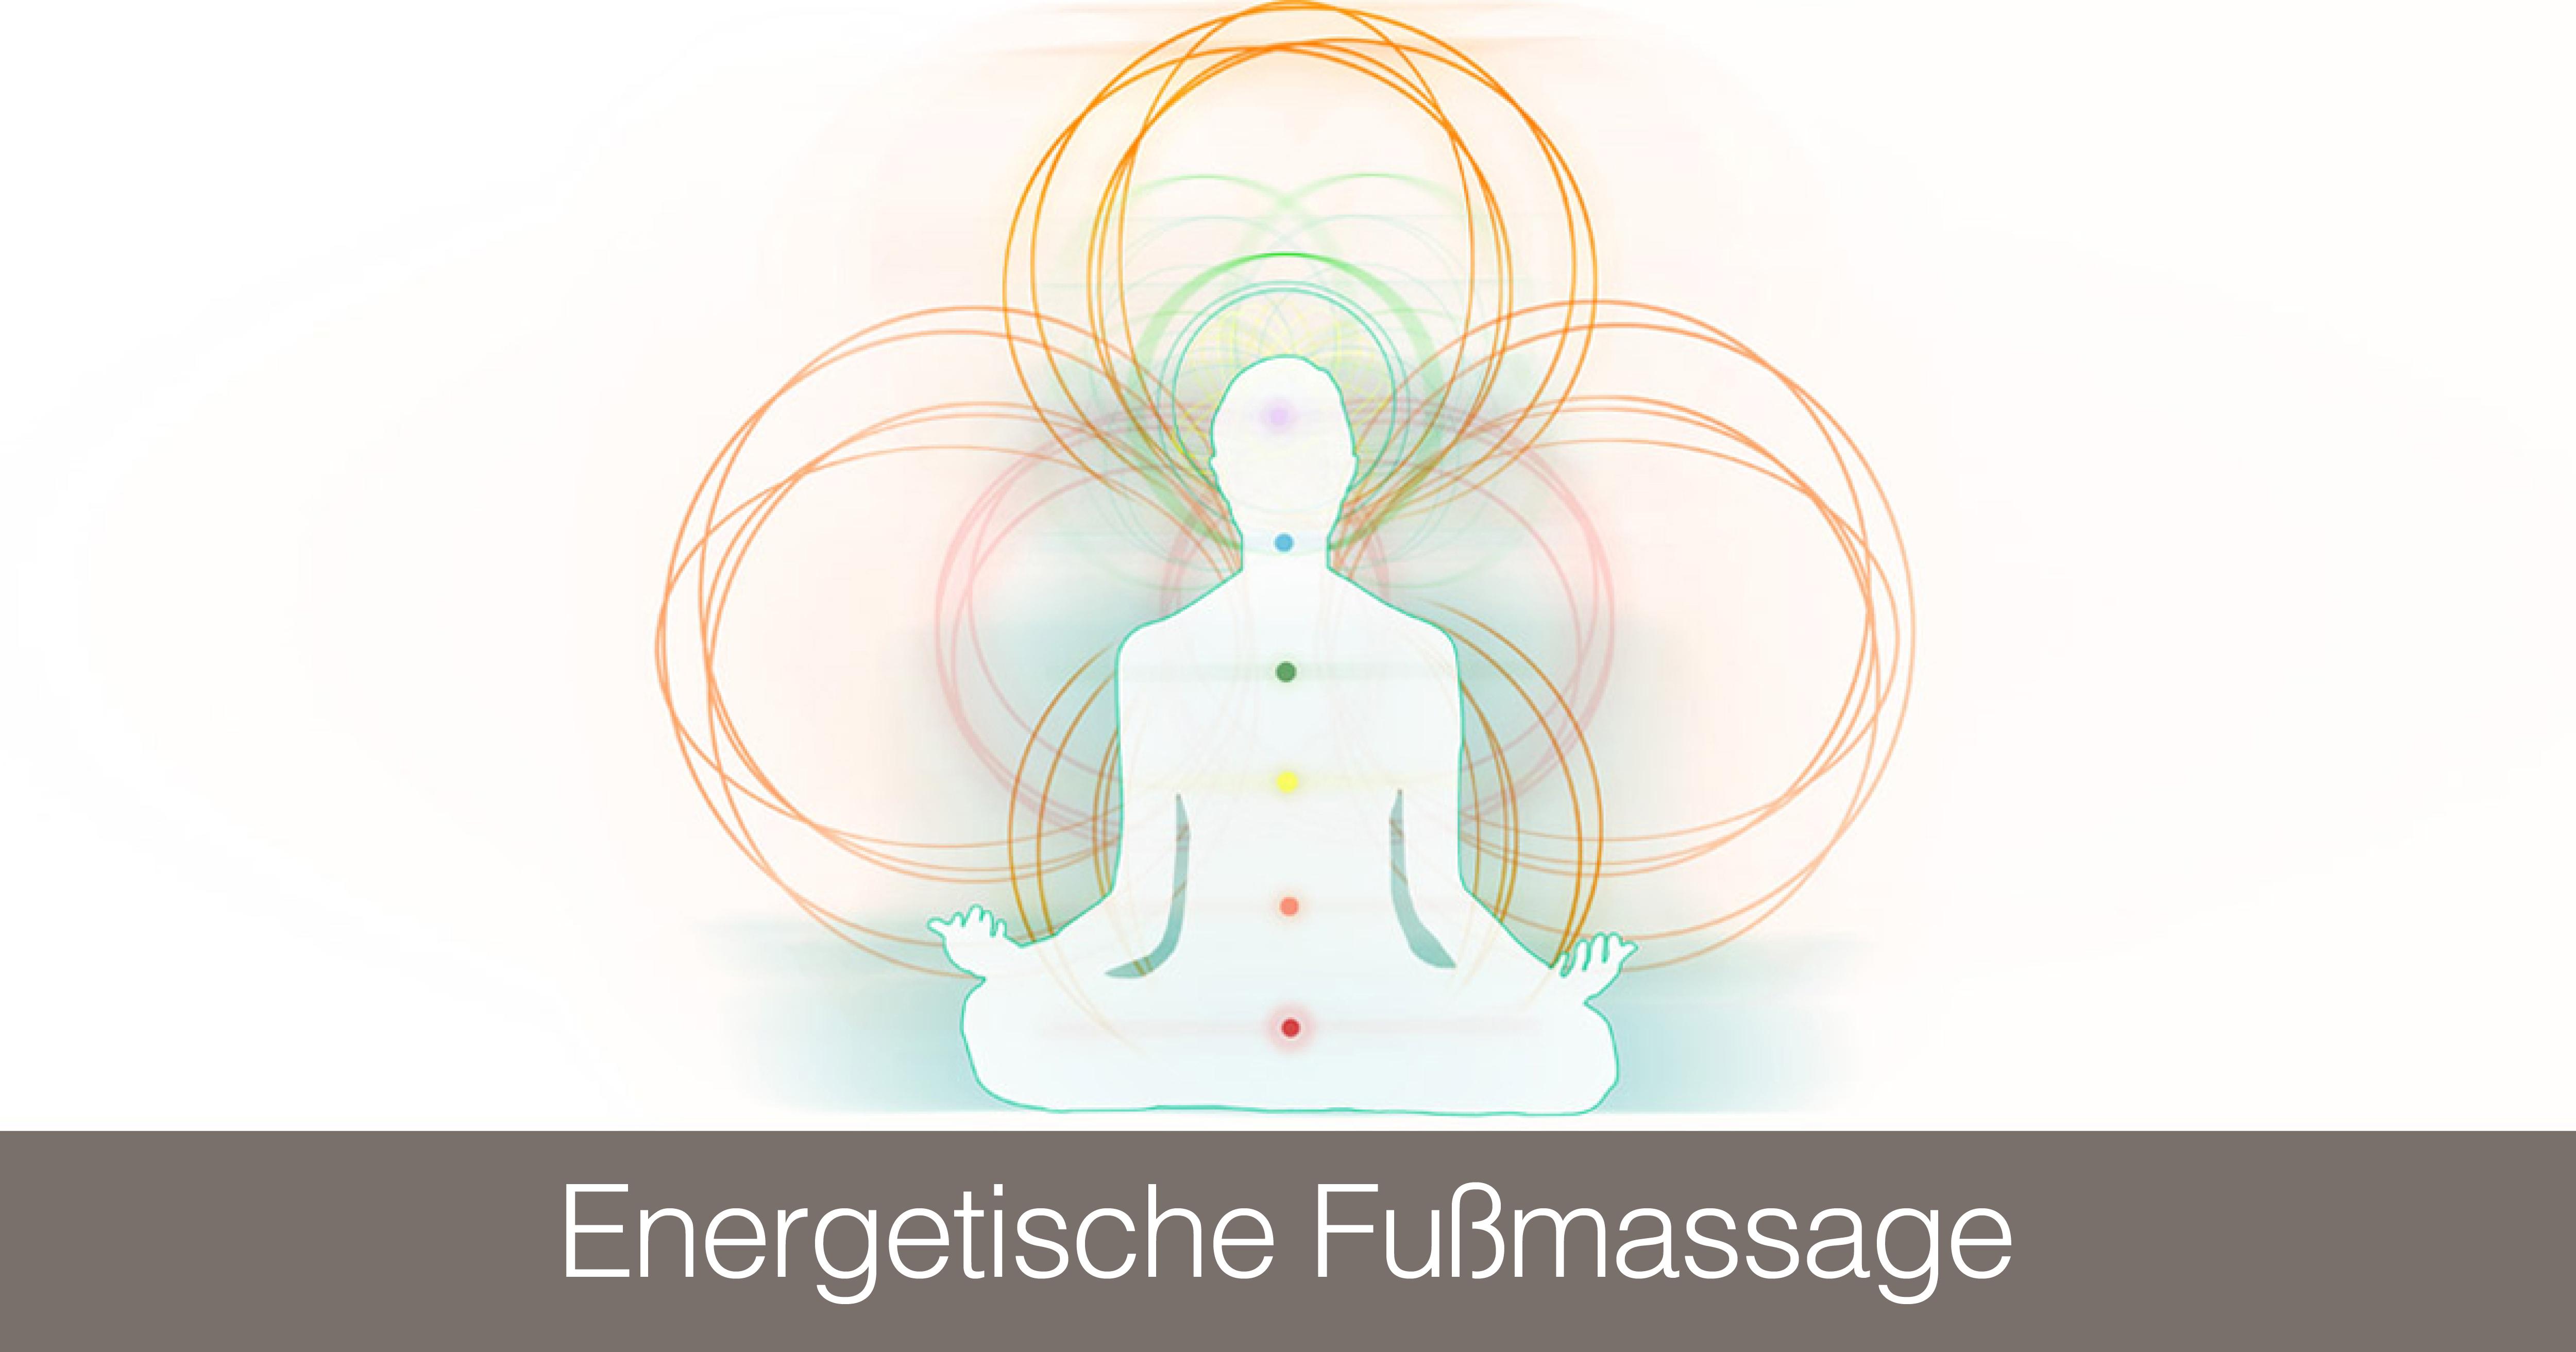 Ausbildung Massage - energetische Fußmassage - Kosmetikschule Schäfer